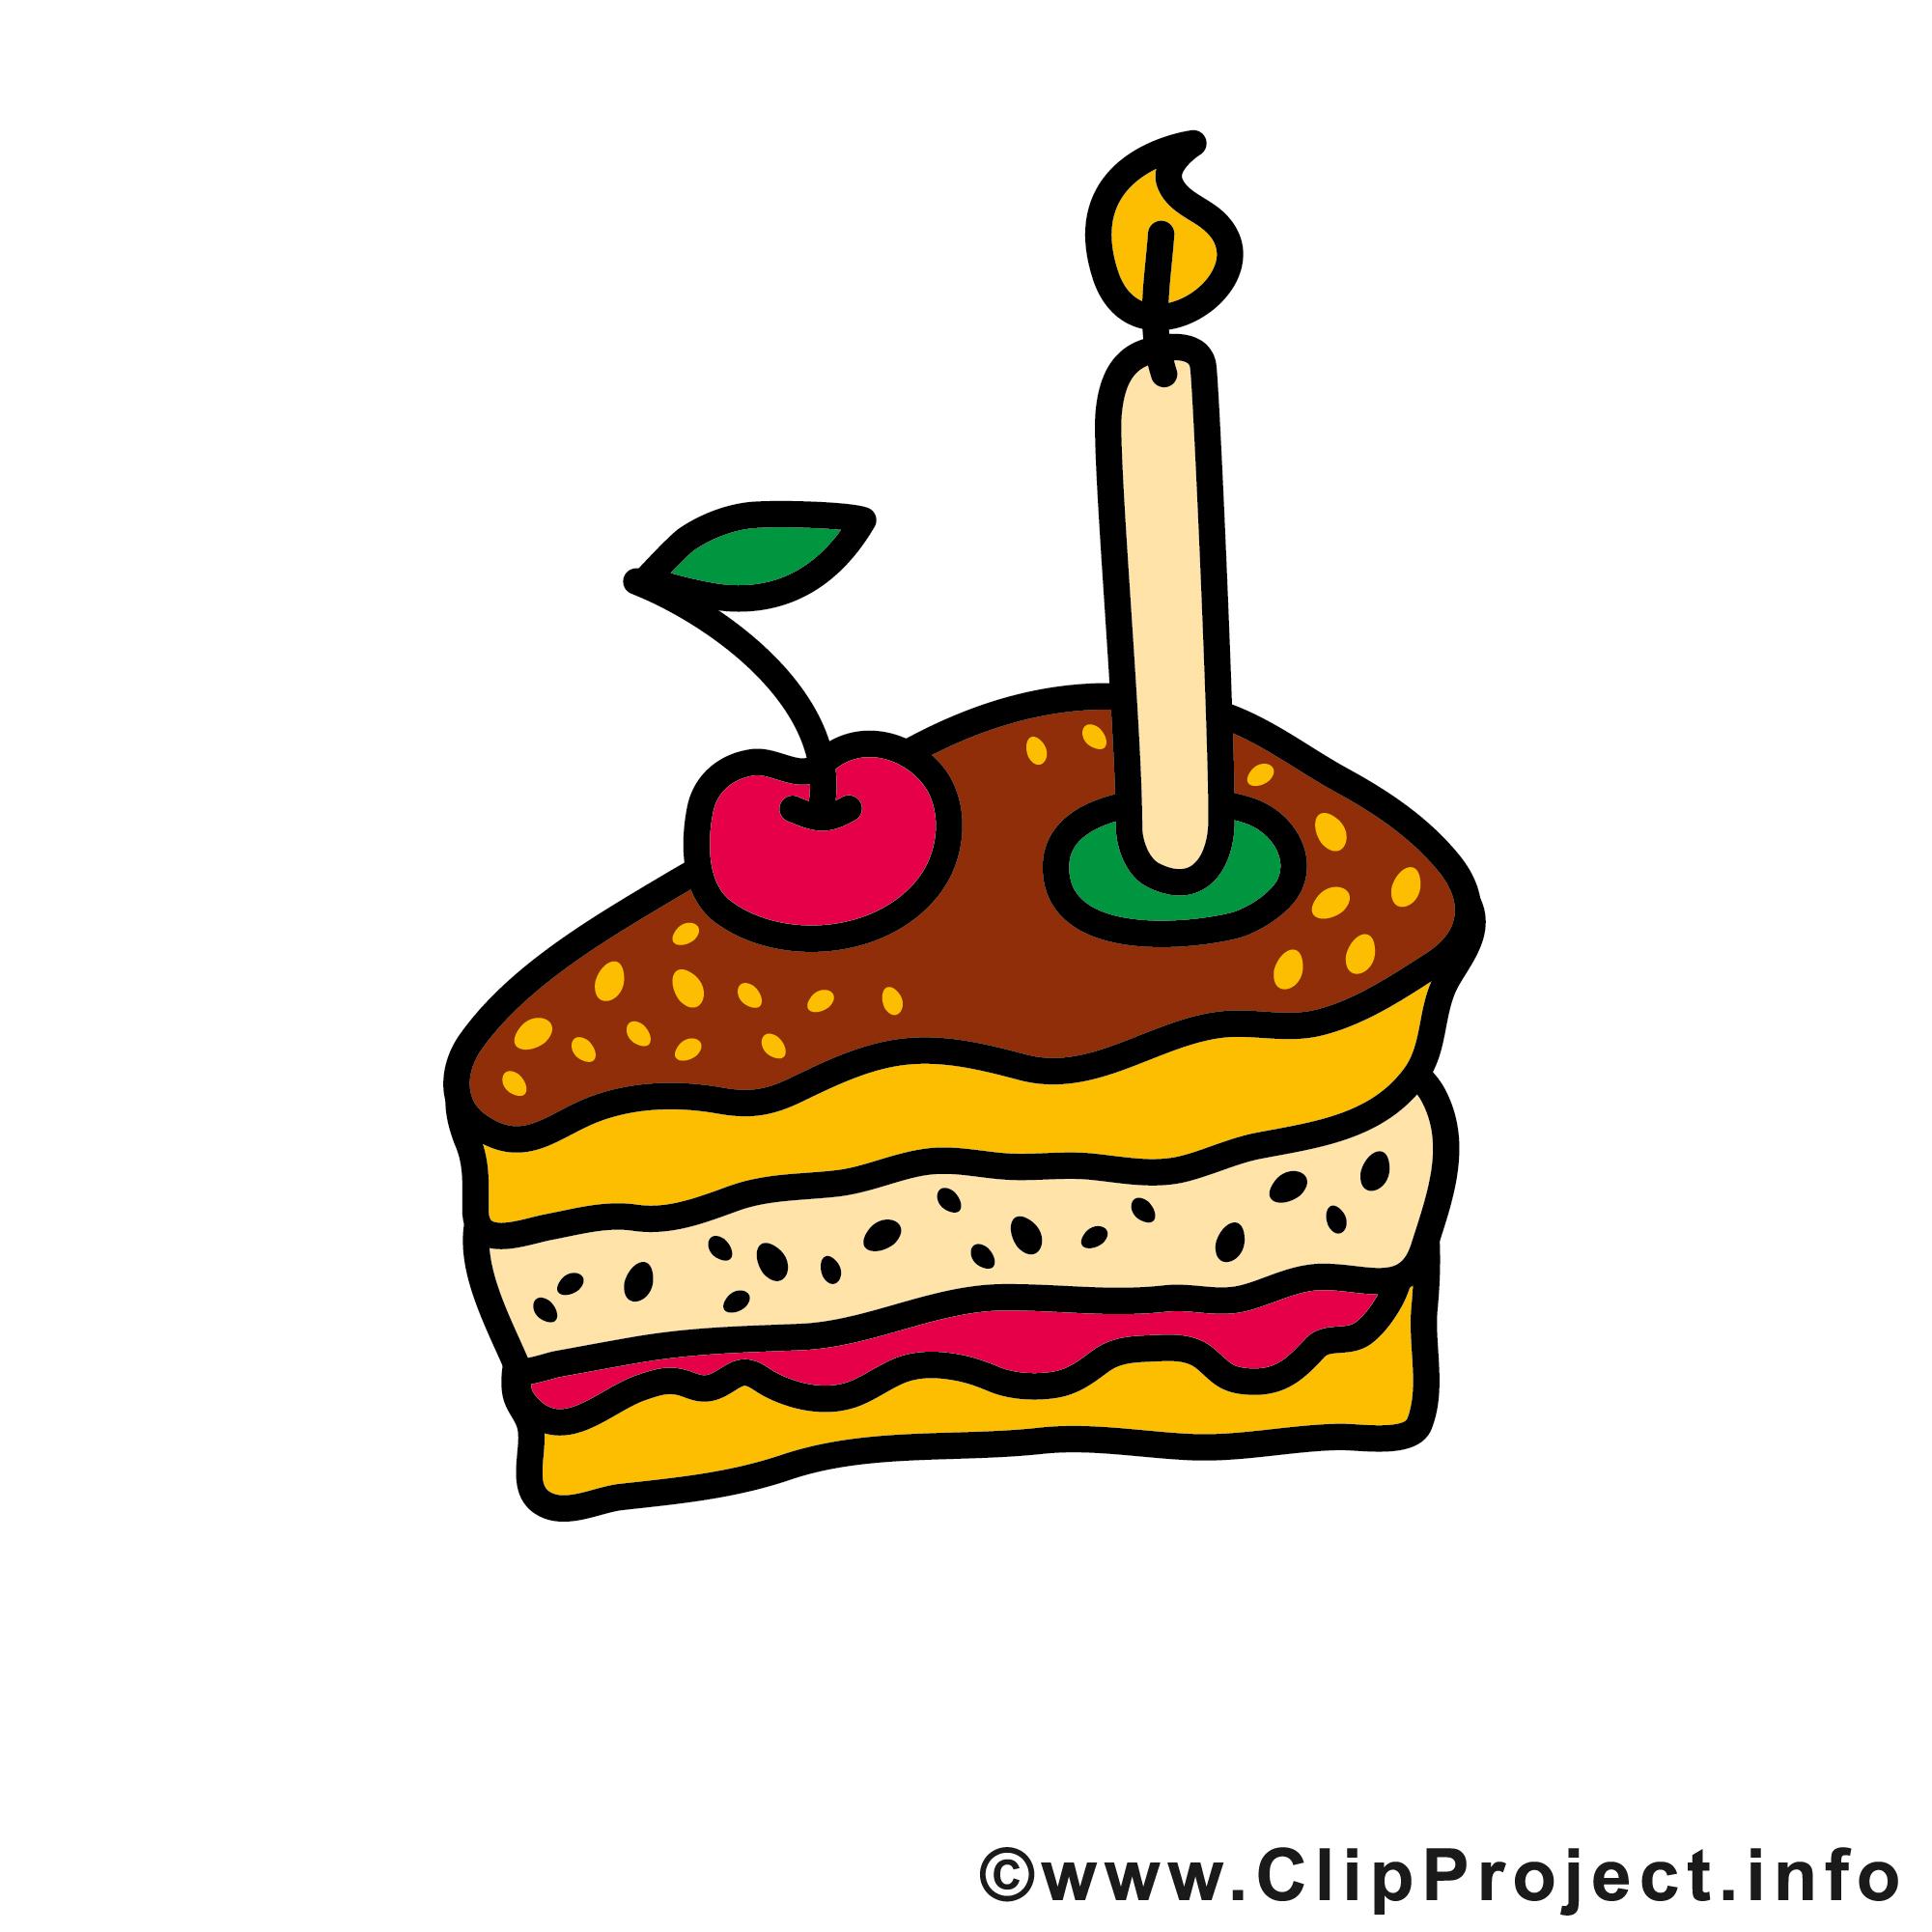 Cliparts geburtstag picture transparent download Torte zum Geburtstag Clipart Bilder kostenlos picture transparent download